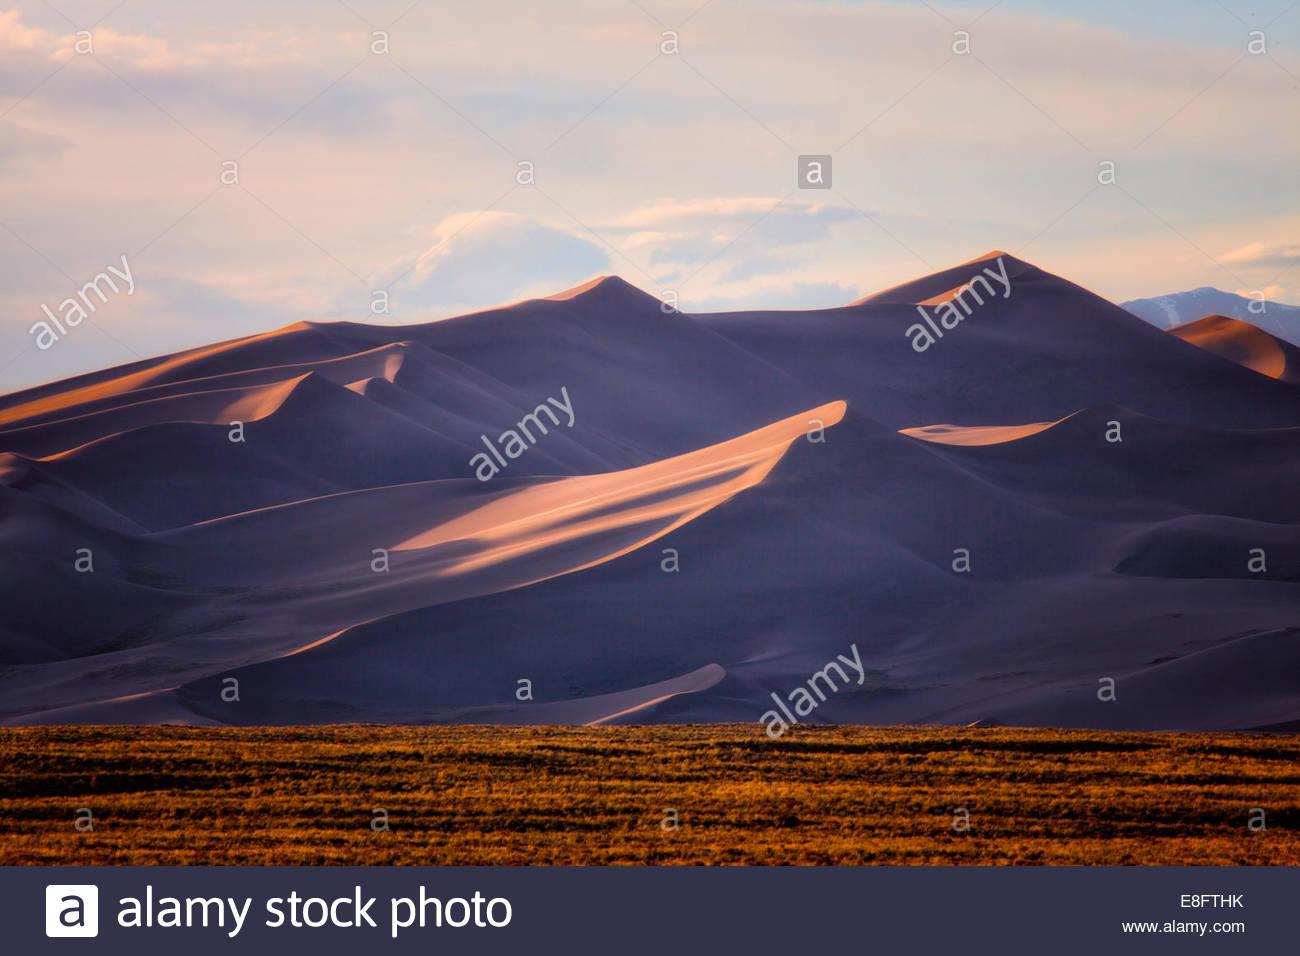 Arid landscape with Sand dunes - Stock Image